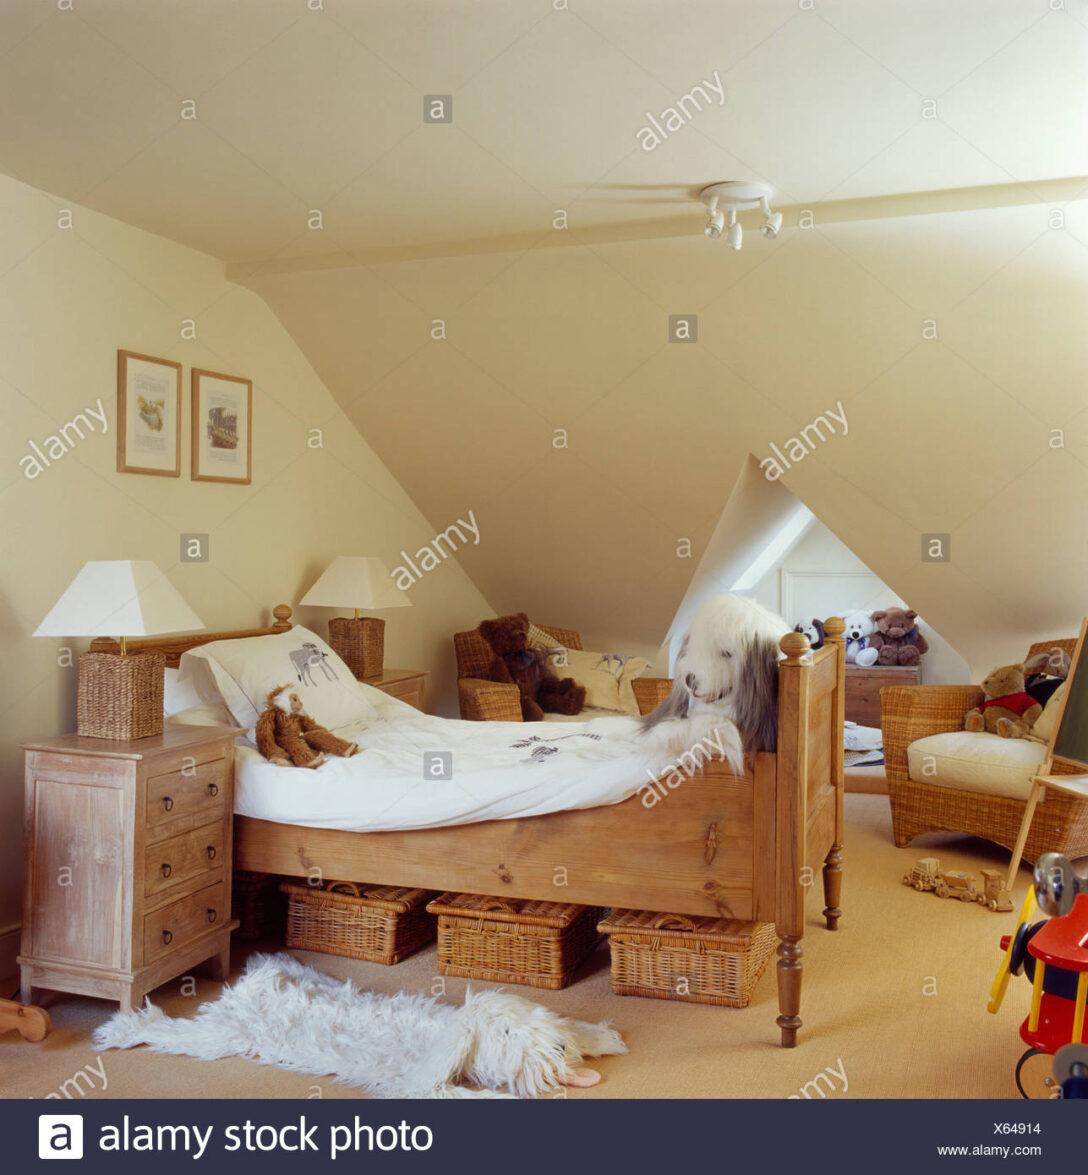 Large Size of Aufbewahrung Krbe Unter Kleinen Kiefer Bett Im Kinderzimmer Creme Regal Weiß Regale Sofa Kinderzimmer Nachttisch Kinderzimmer